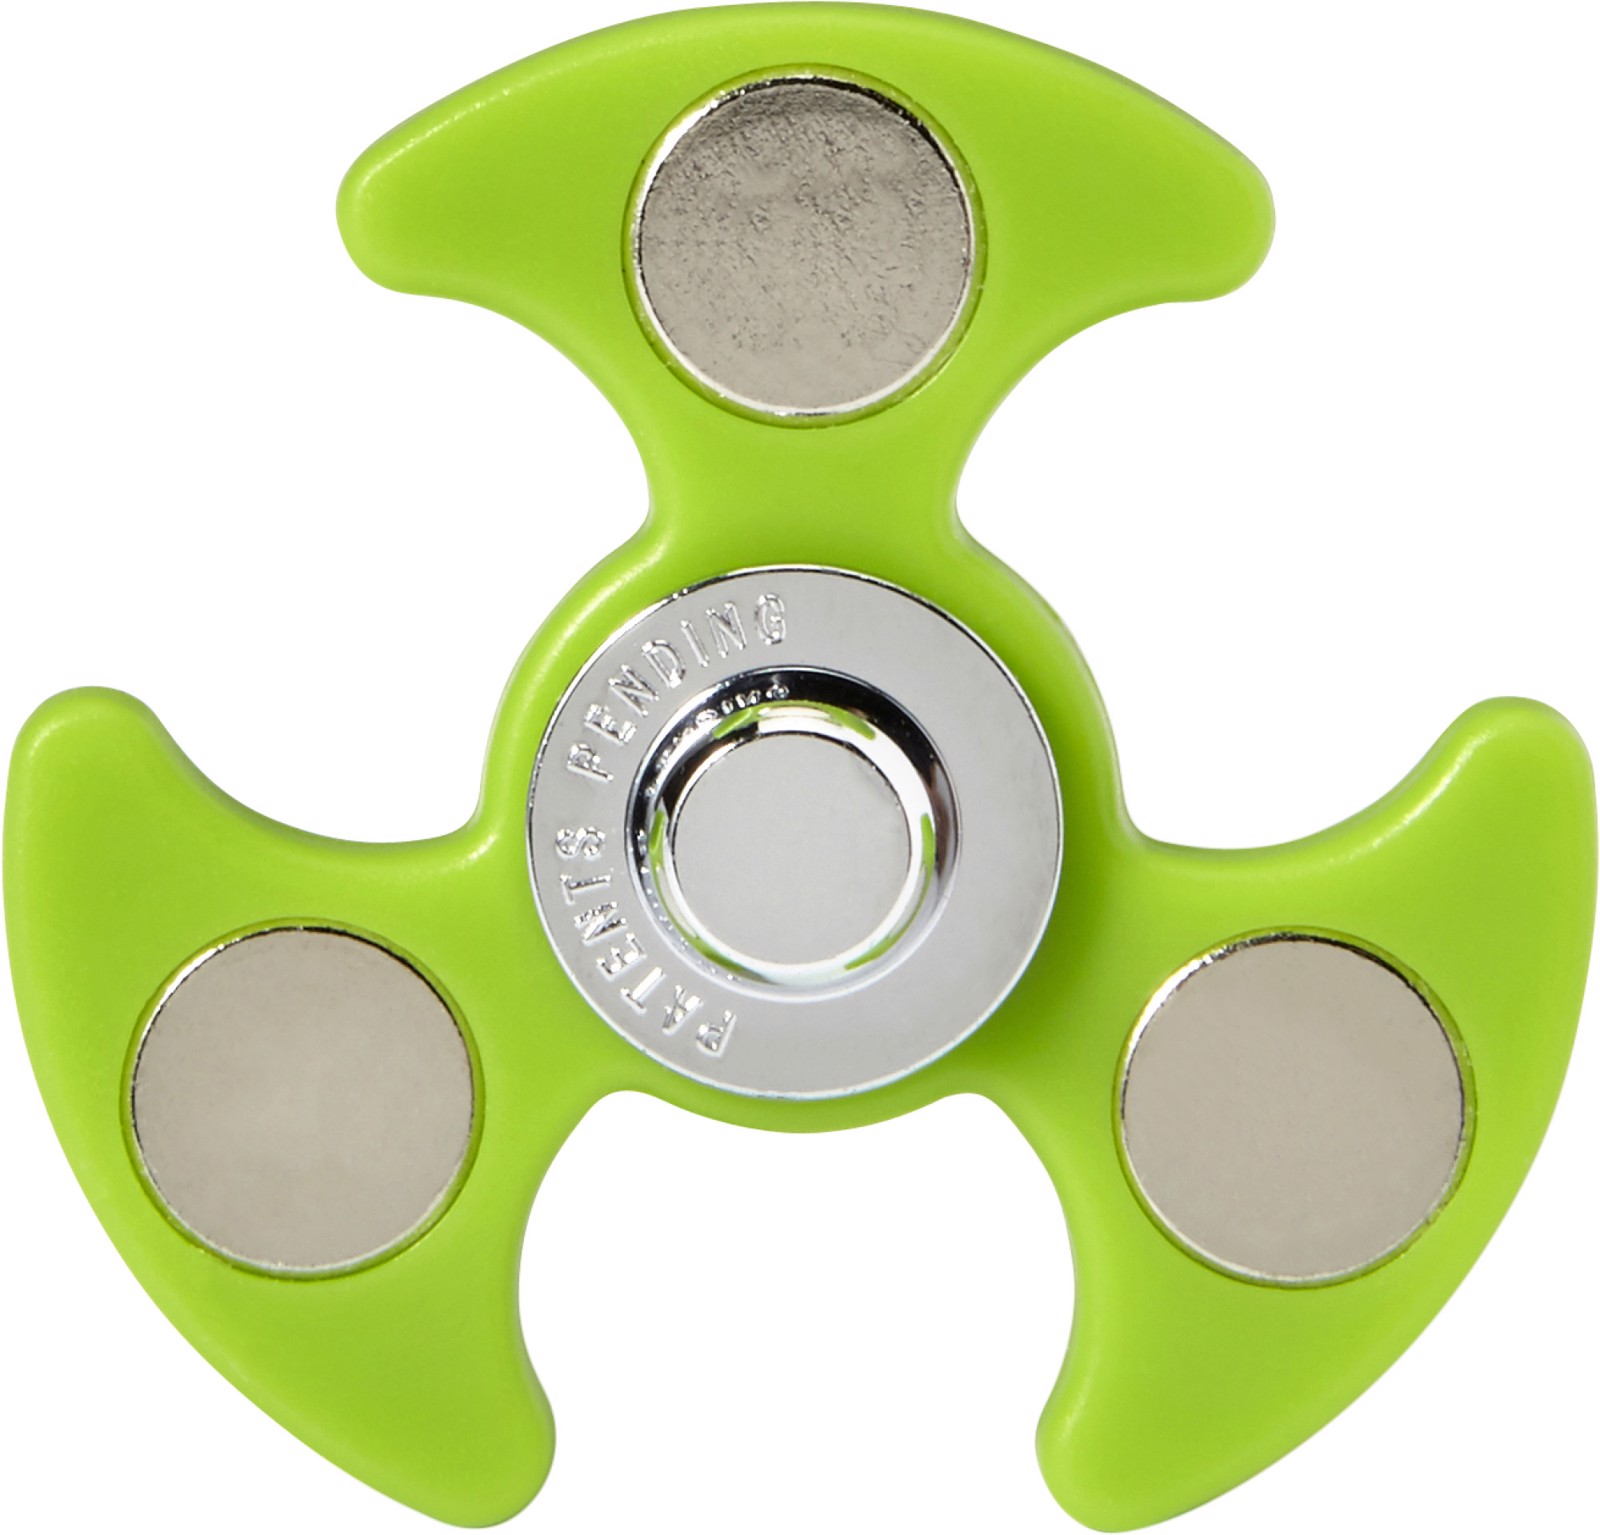 ABS spinner pen - Lime